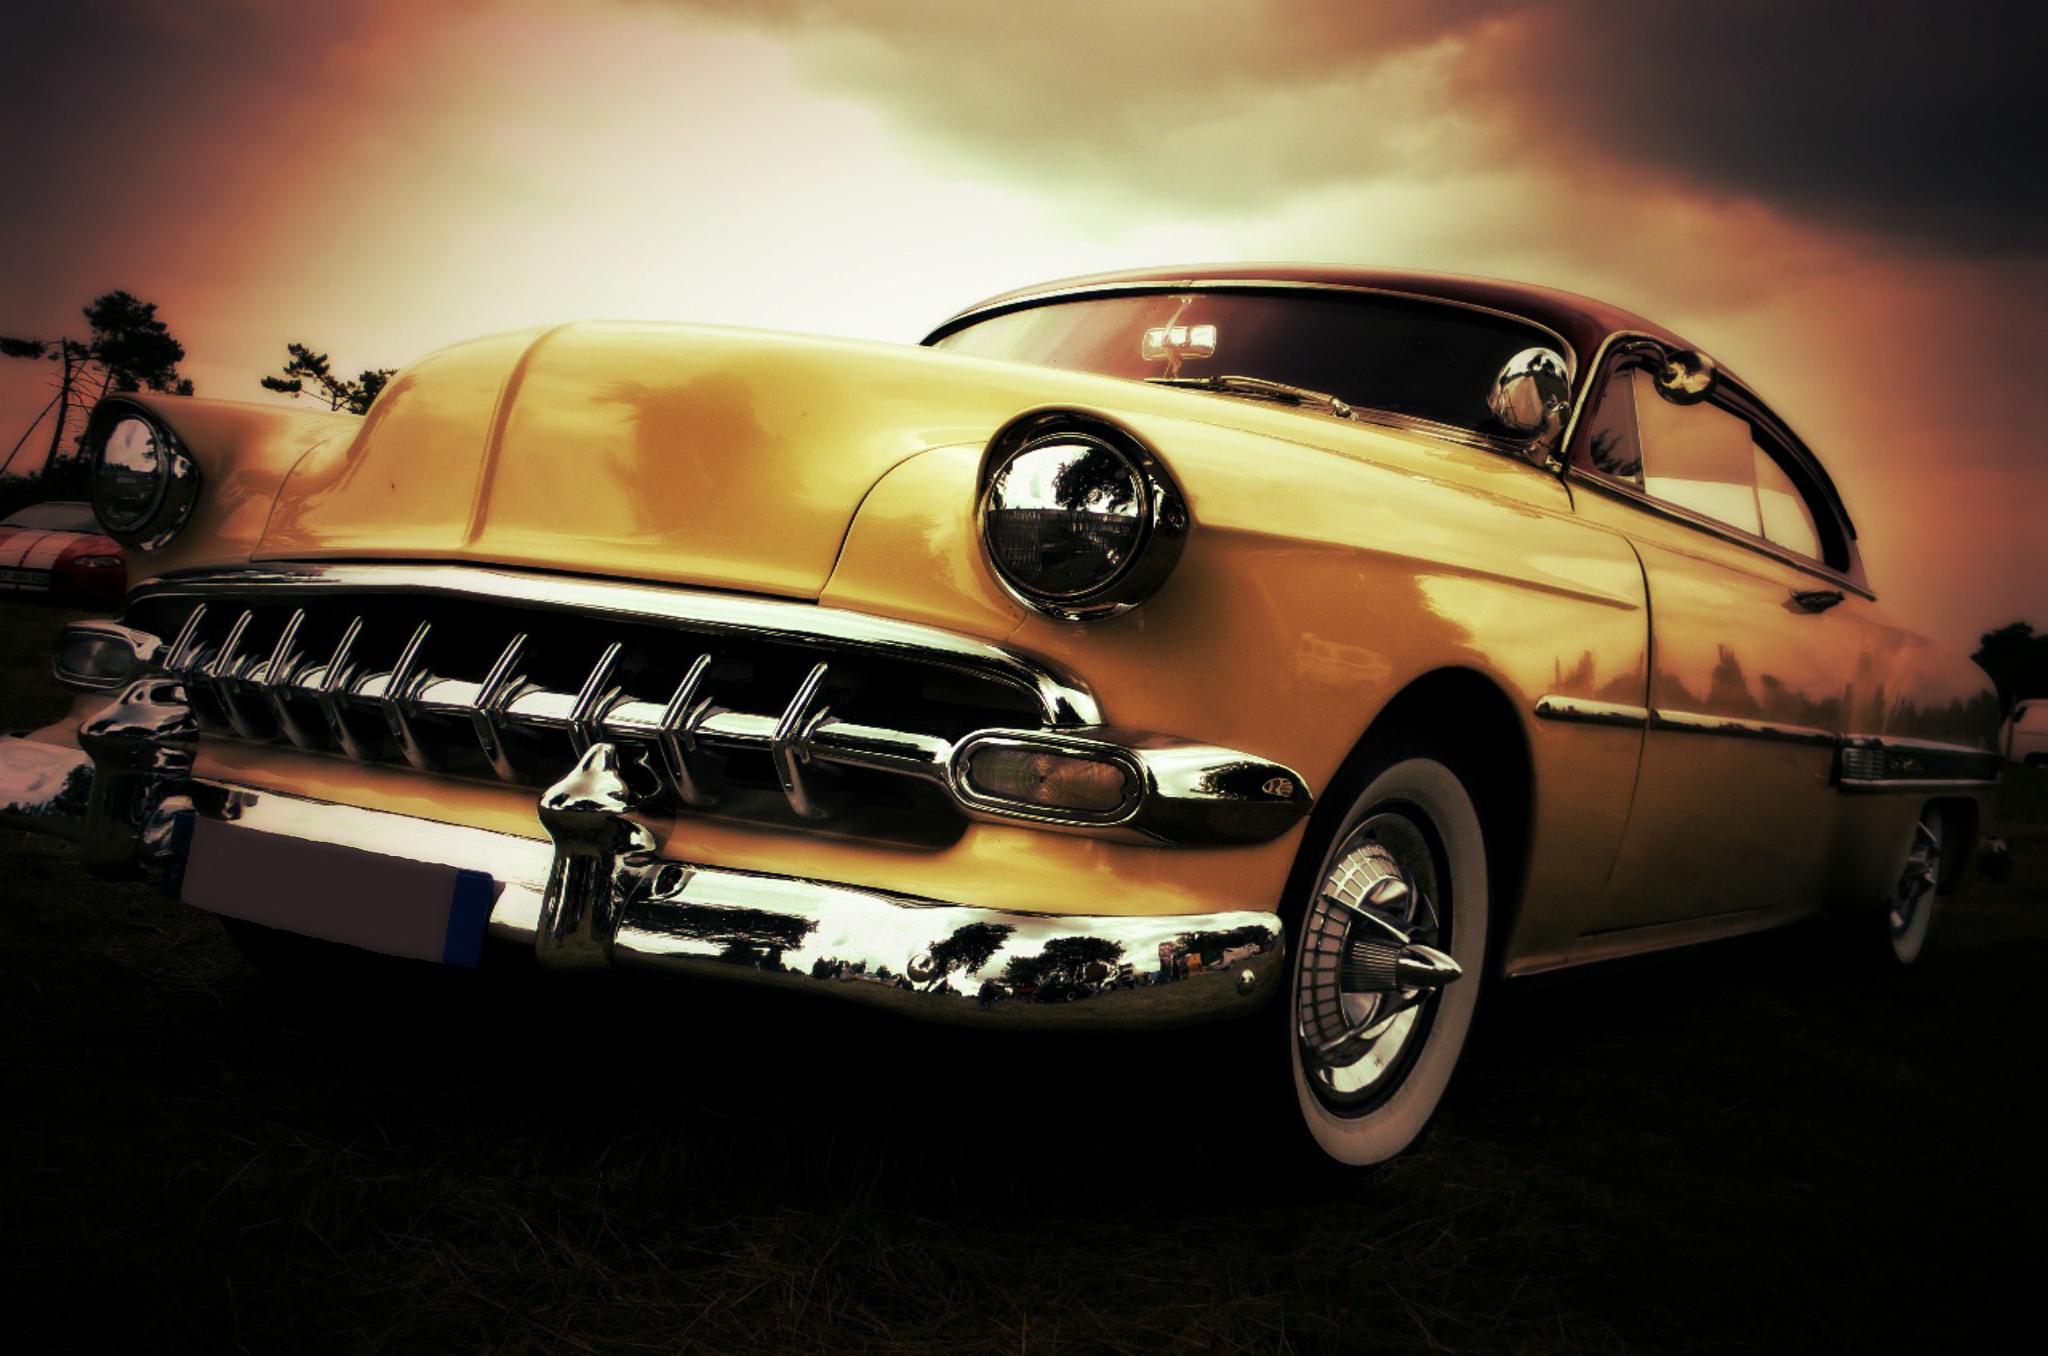 50's car by rollnstef